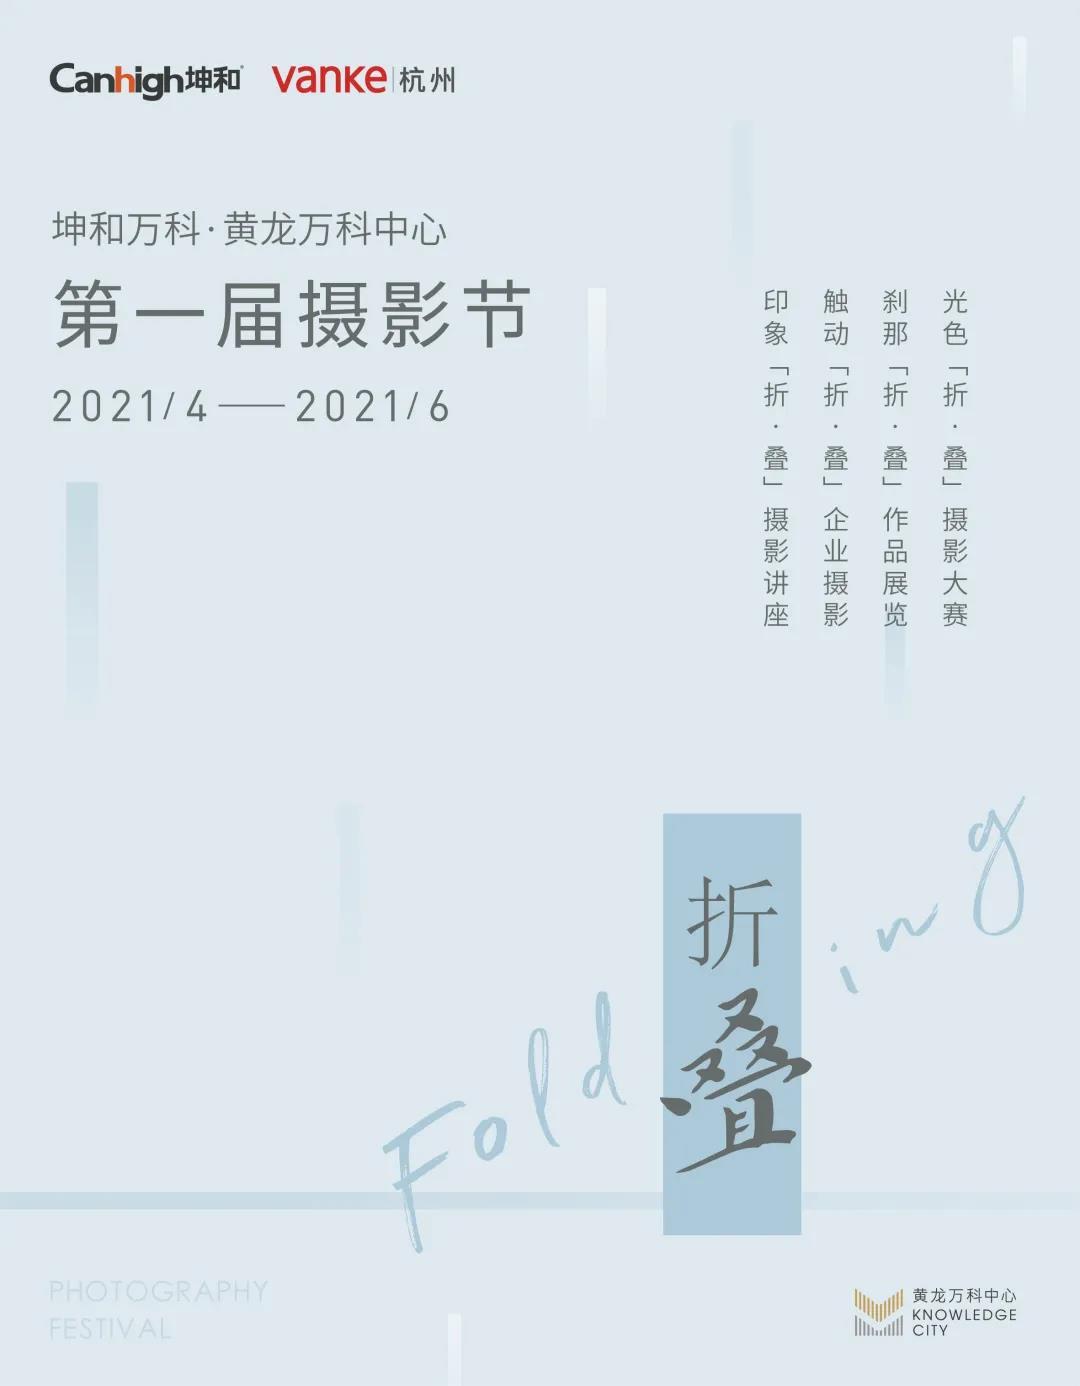 「折·叠」——坤和万科·黄龙万科中心第一届摄影节回顾